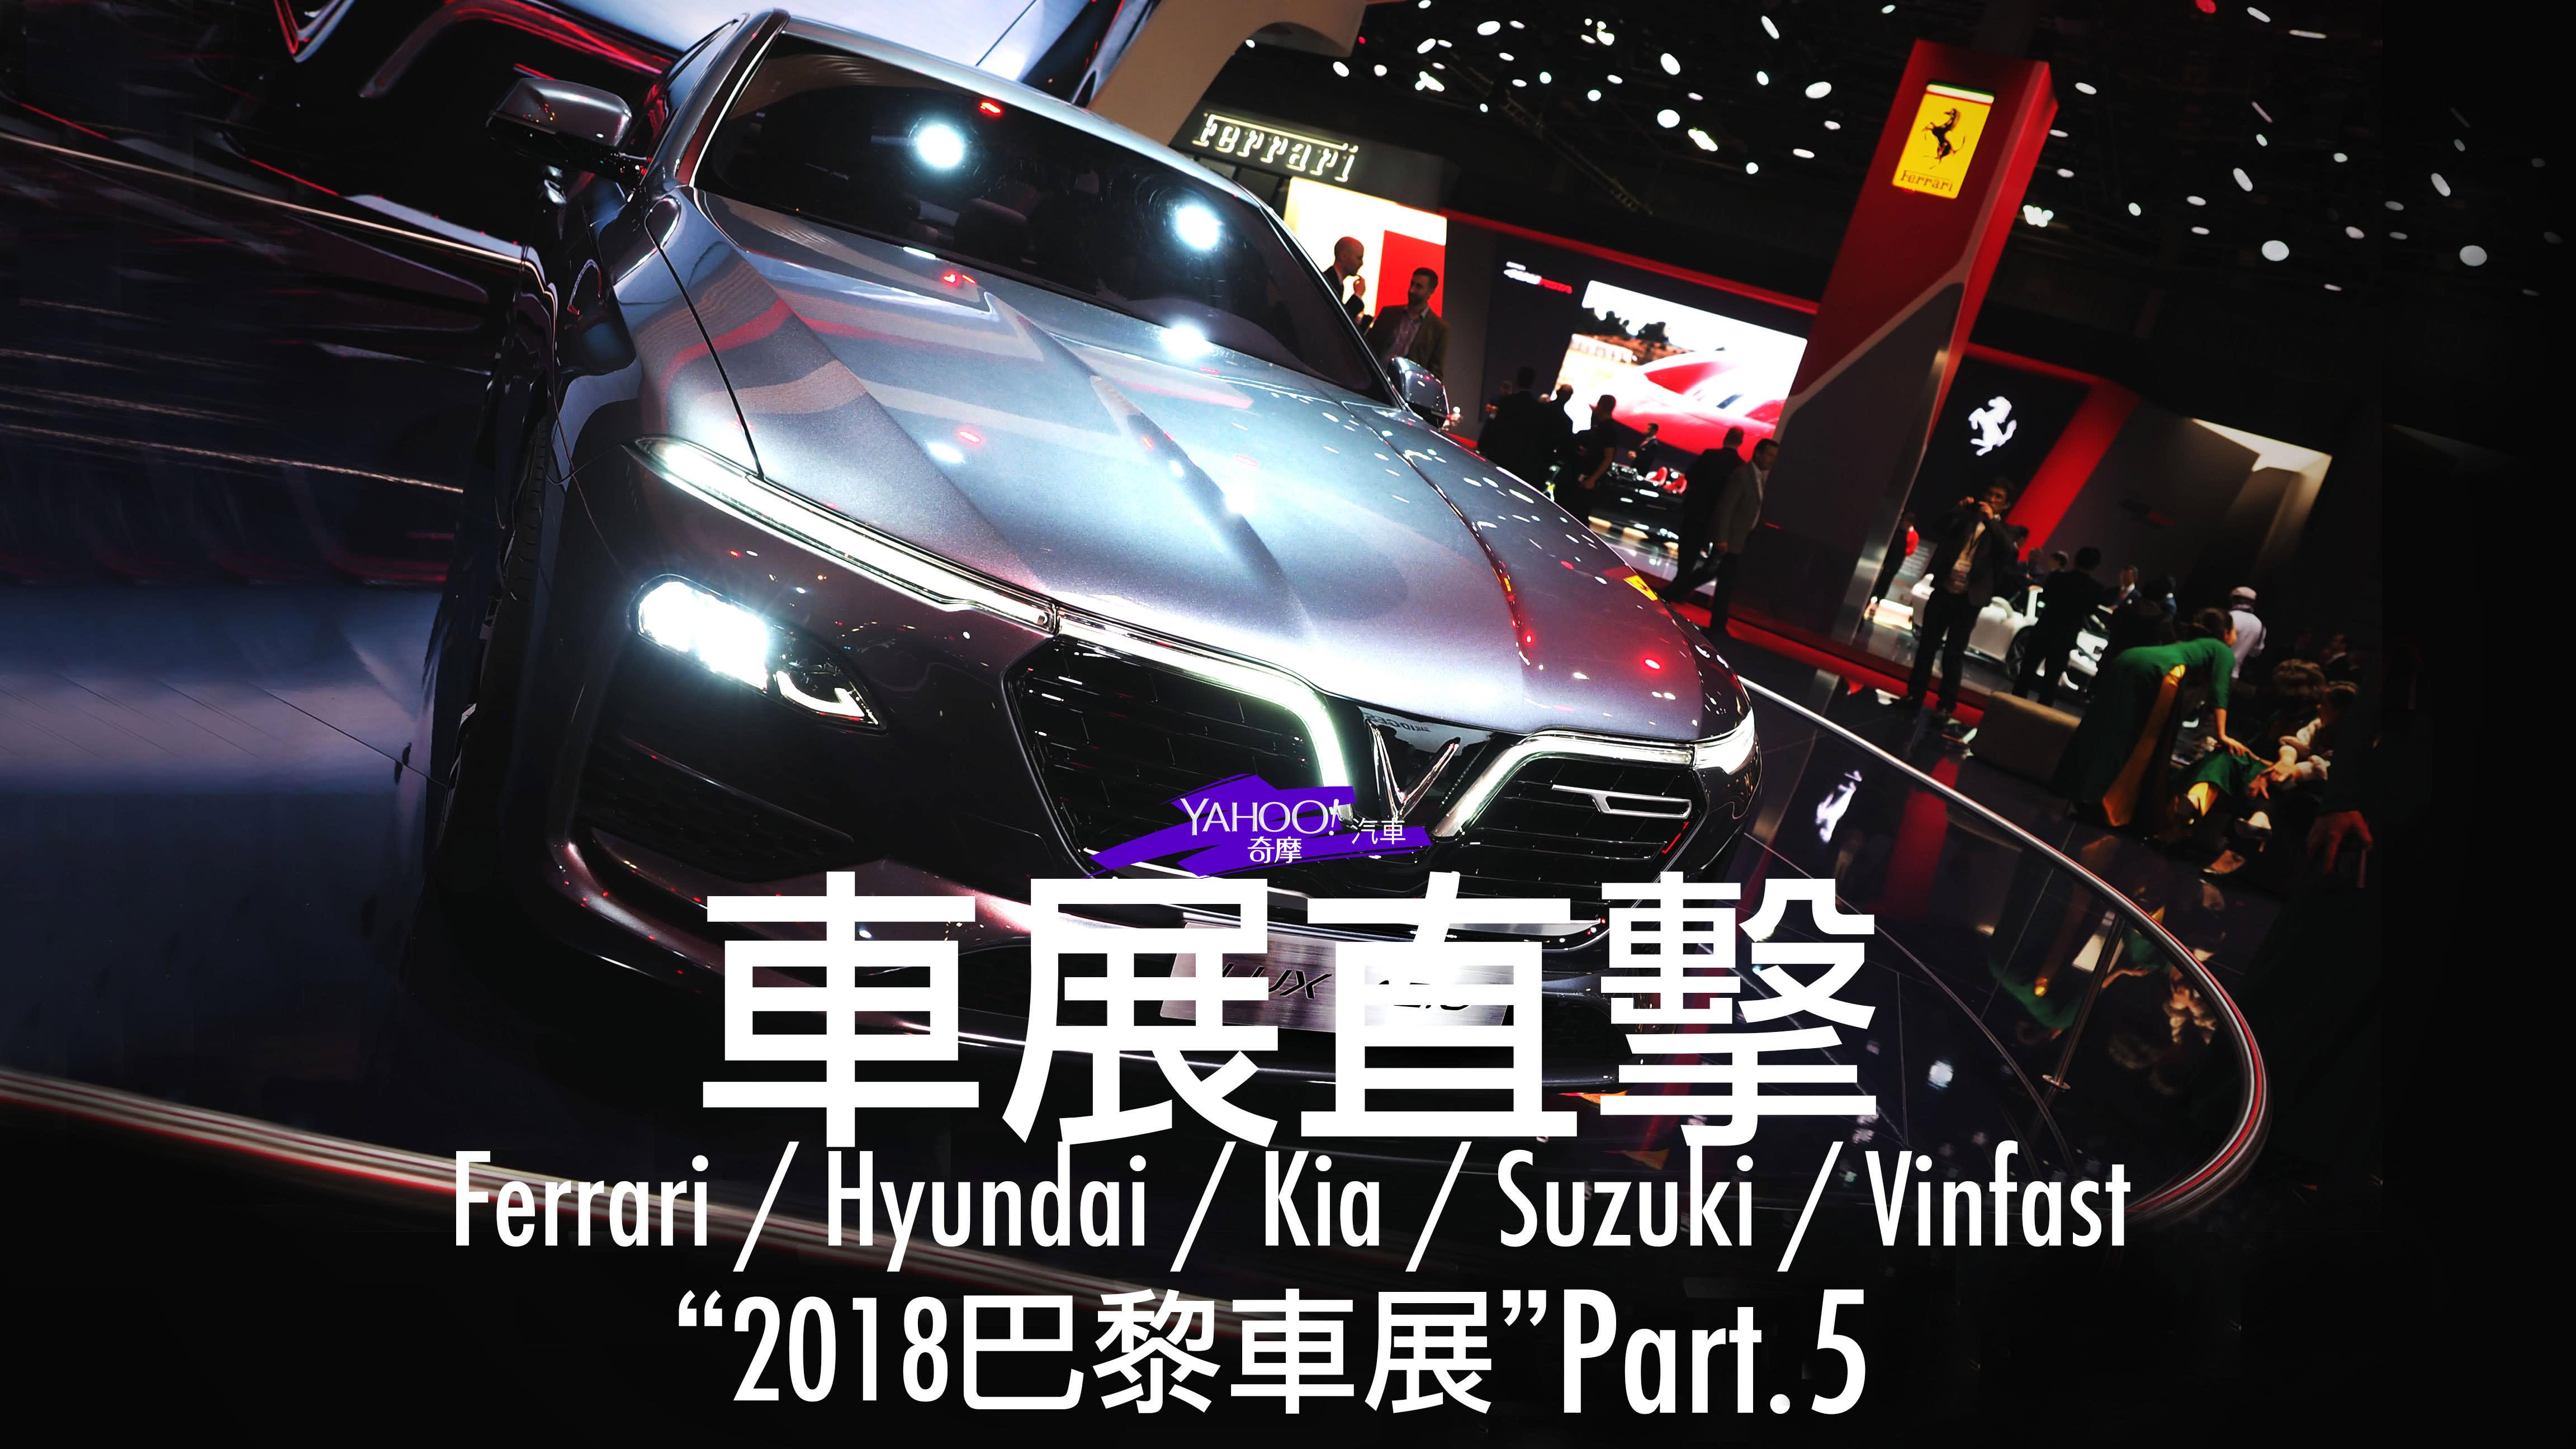 【巴黎車展看Yahoo】2018 巴黎車展直擊 Part 5 (Hyundai、Vinfast、Kia、Ferrari及Suzuki)